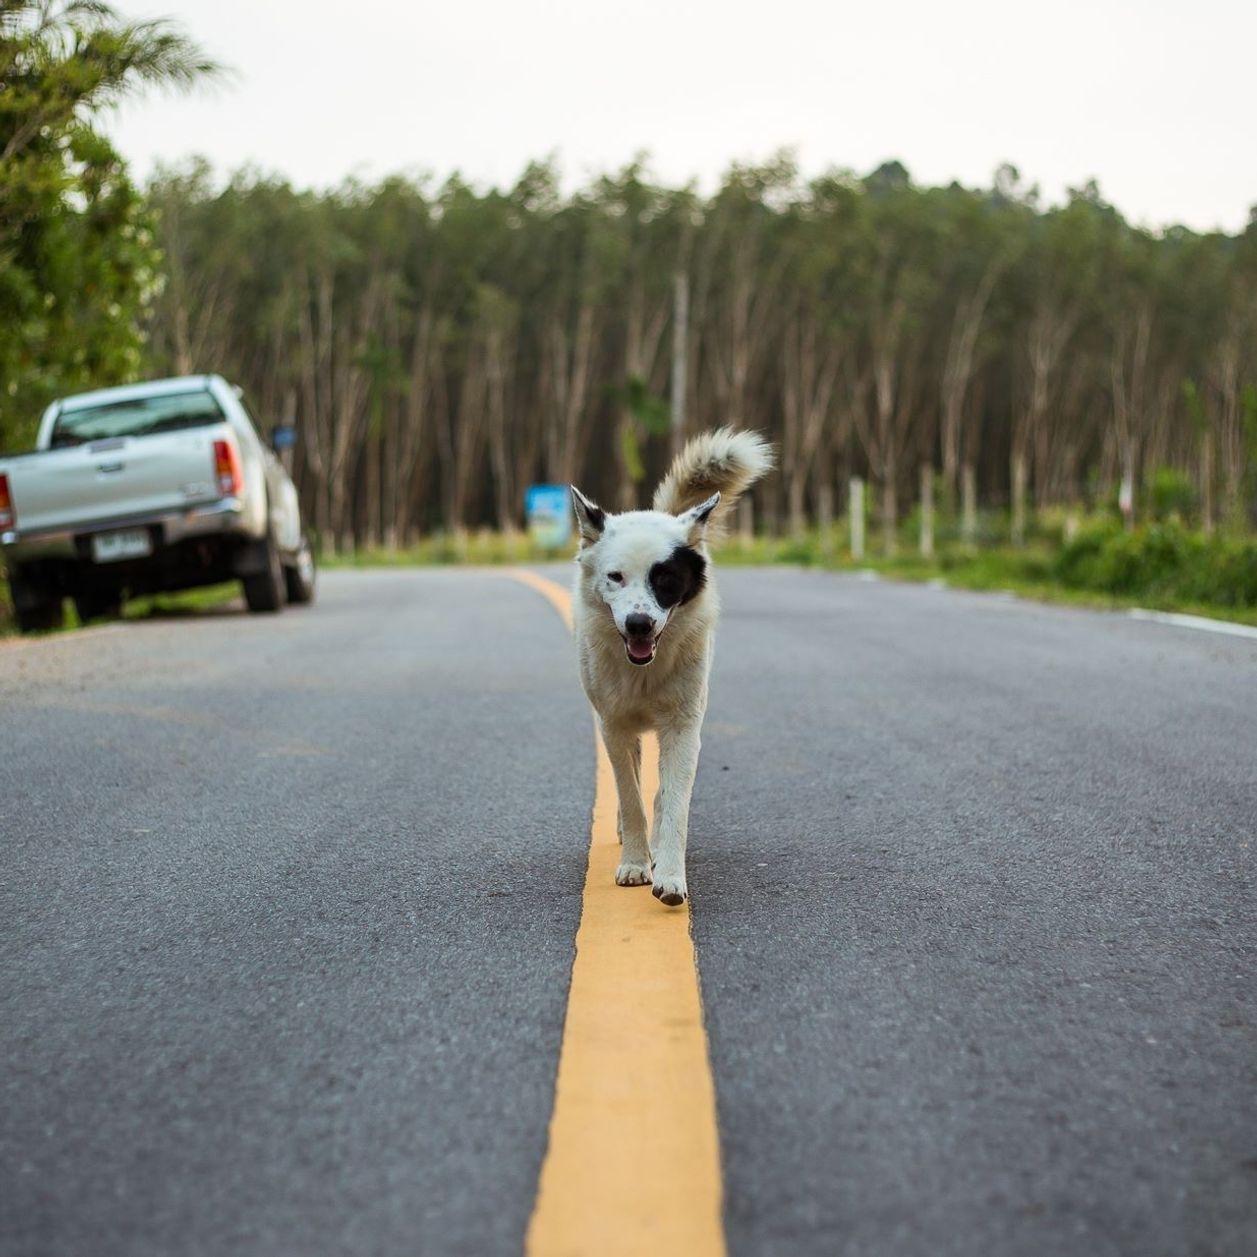 Un homme crée l'indignation en traînant son chien à l'arrière de sa voiture